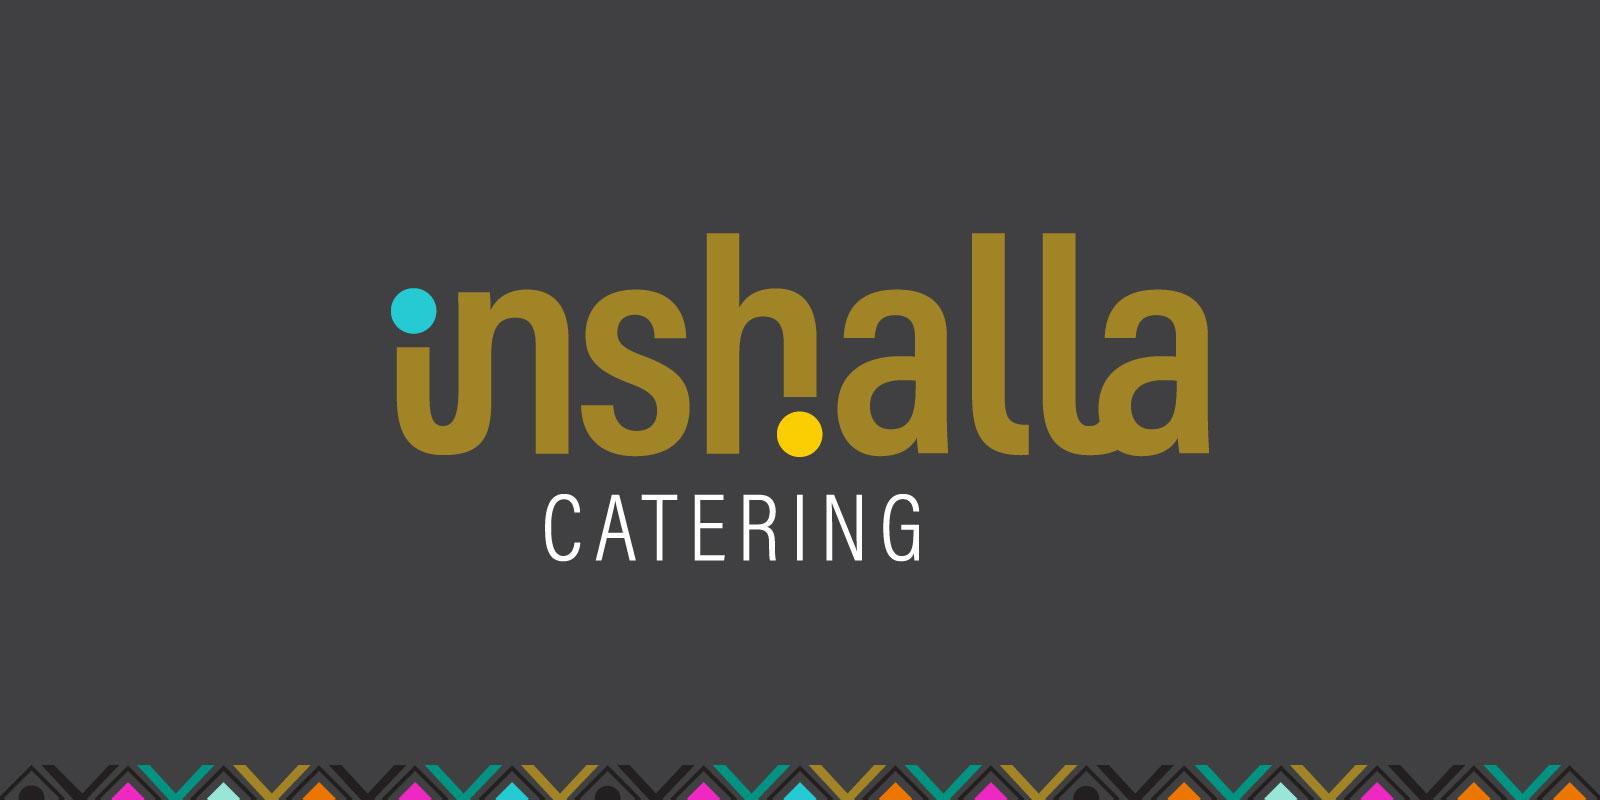 Inshalla catering - logo